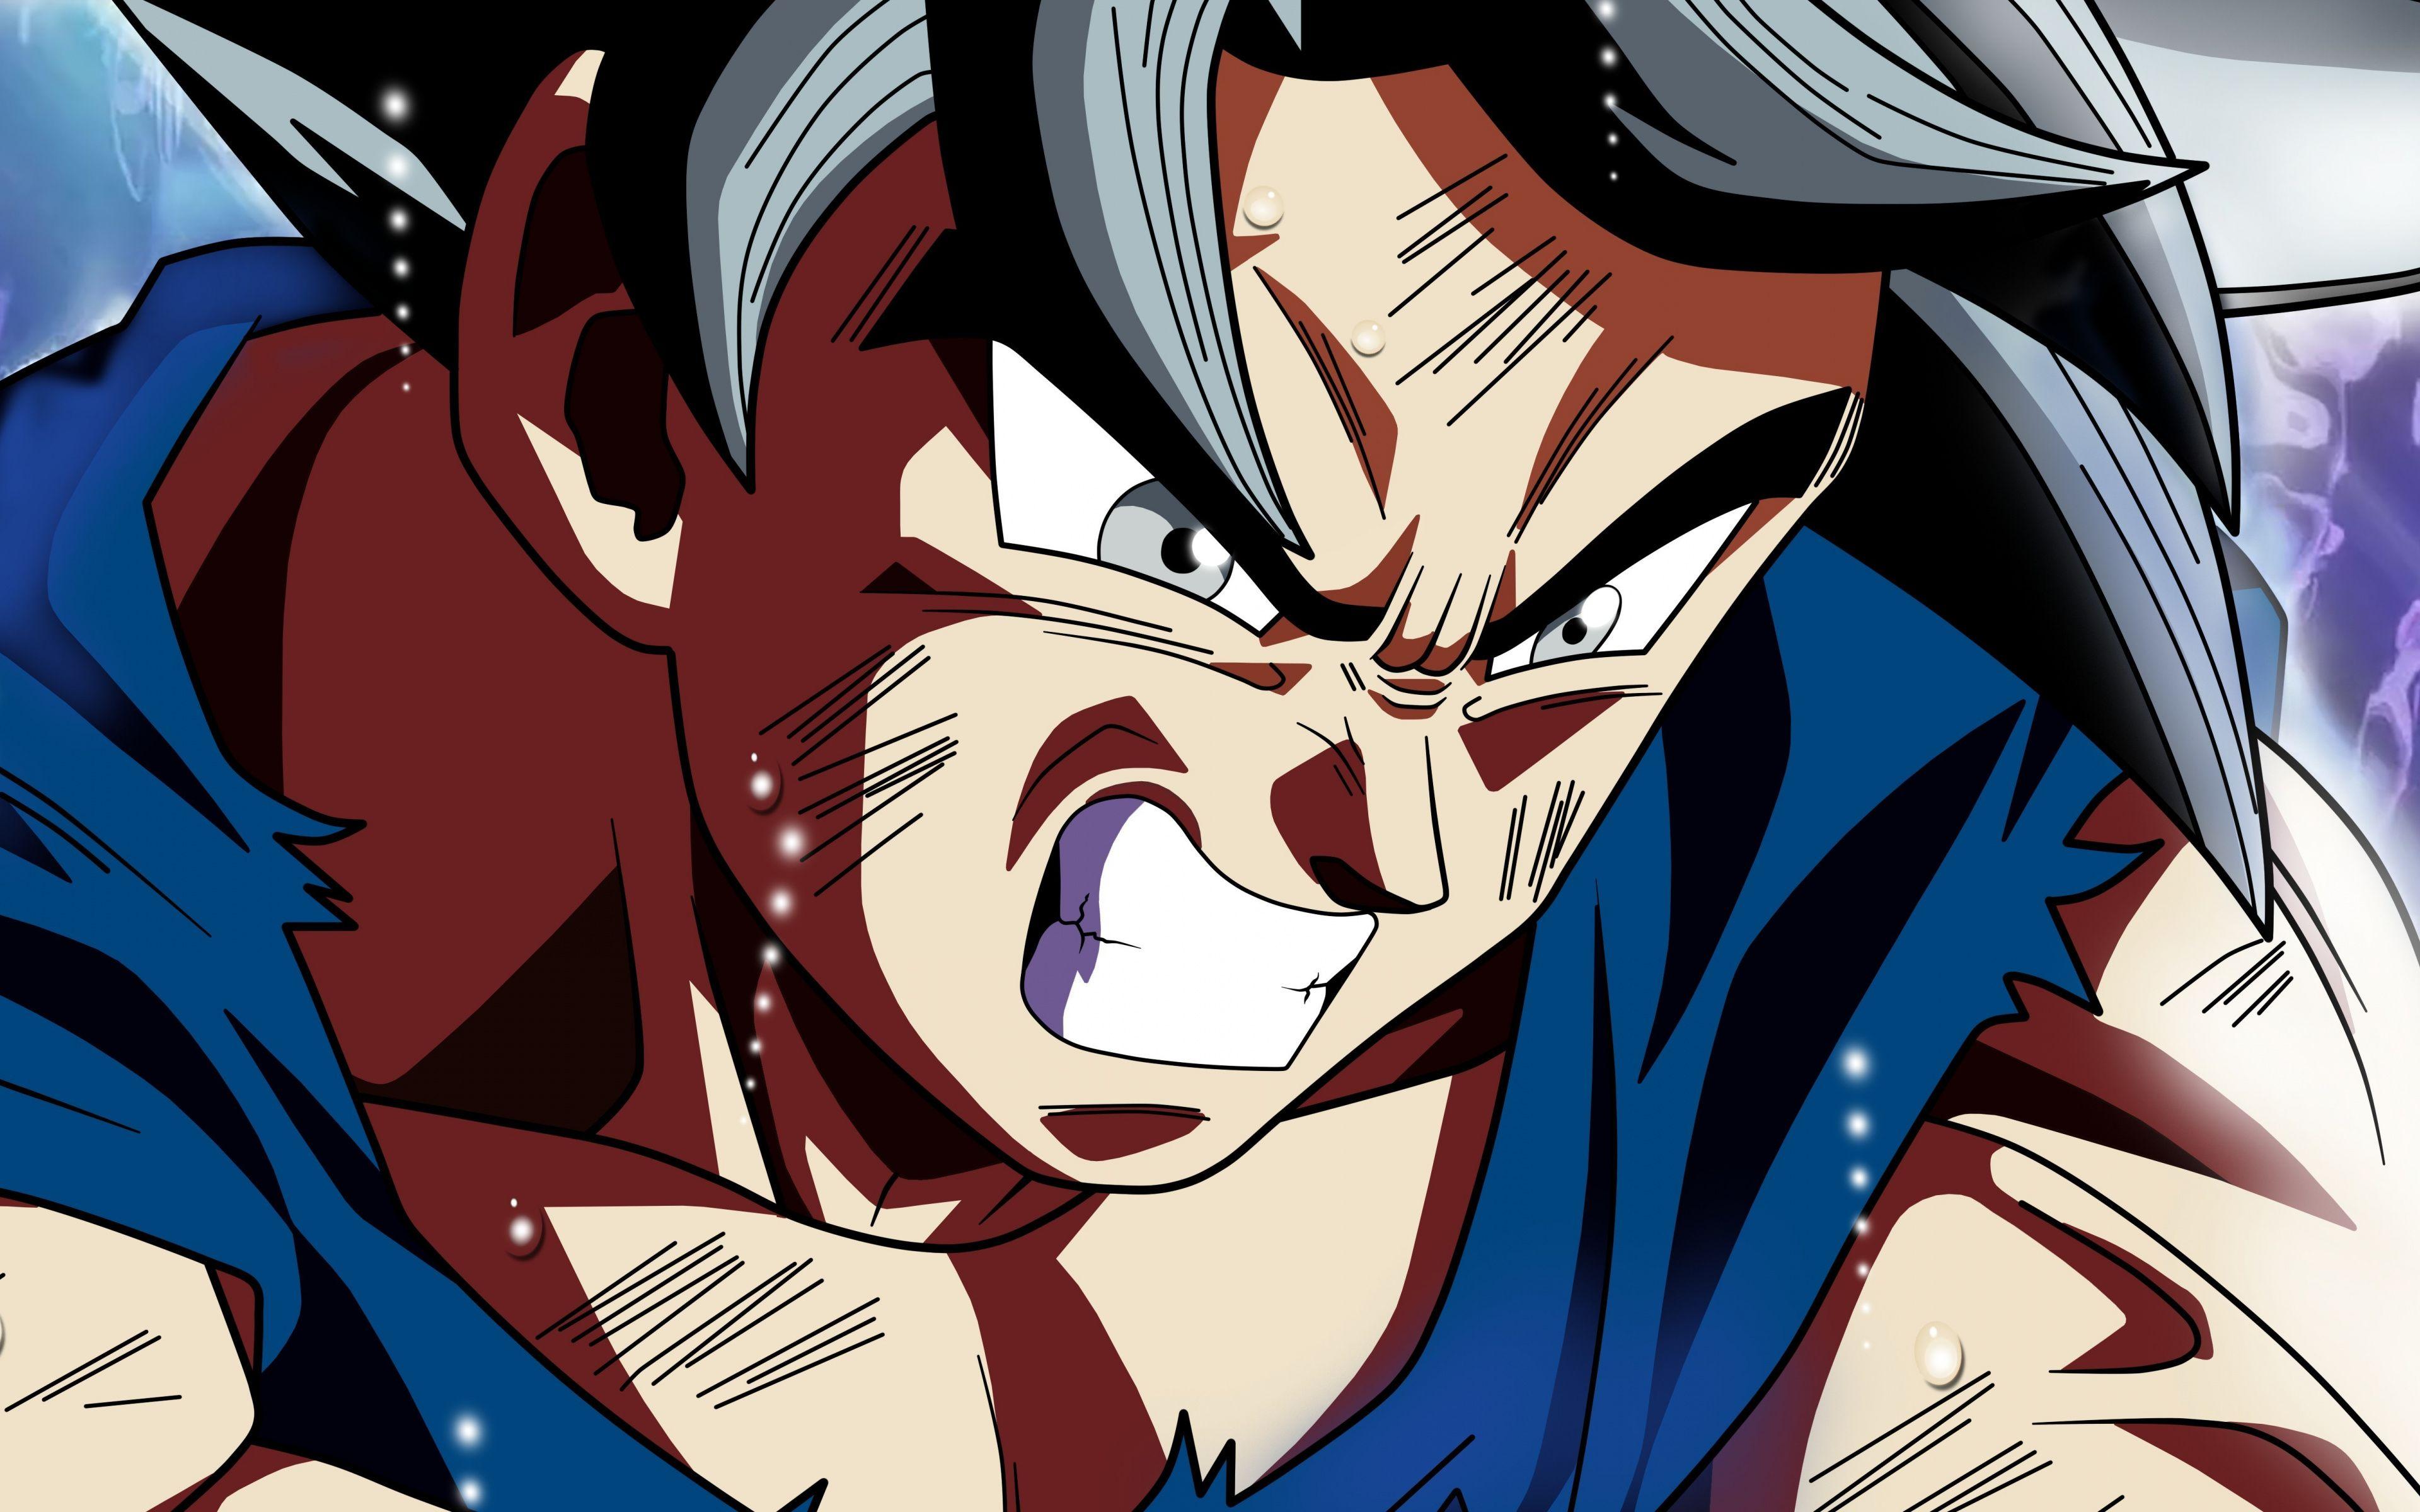 Downaload Goku, Dragon Ball Super, Angry Face, Anime, 5k